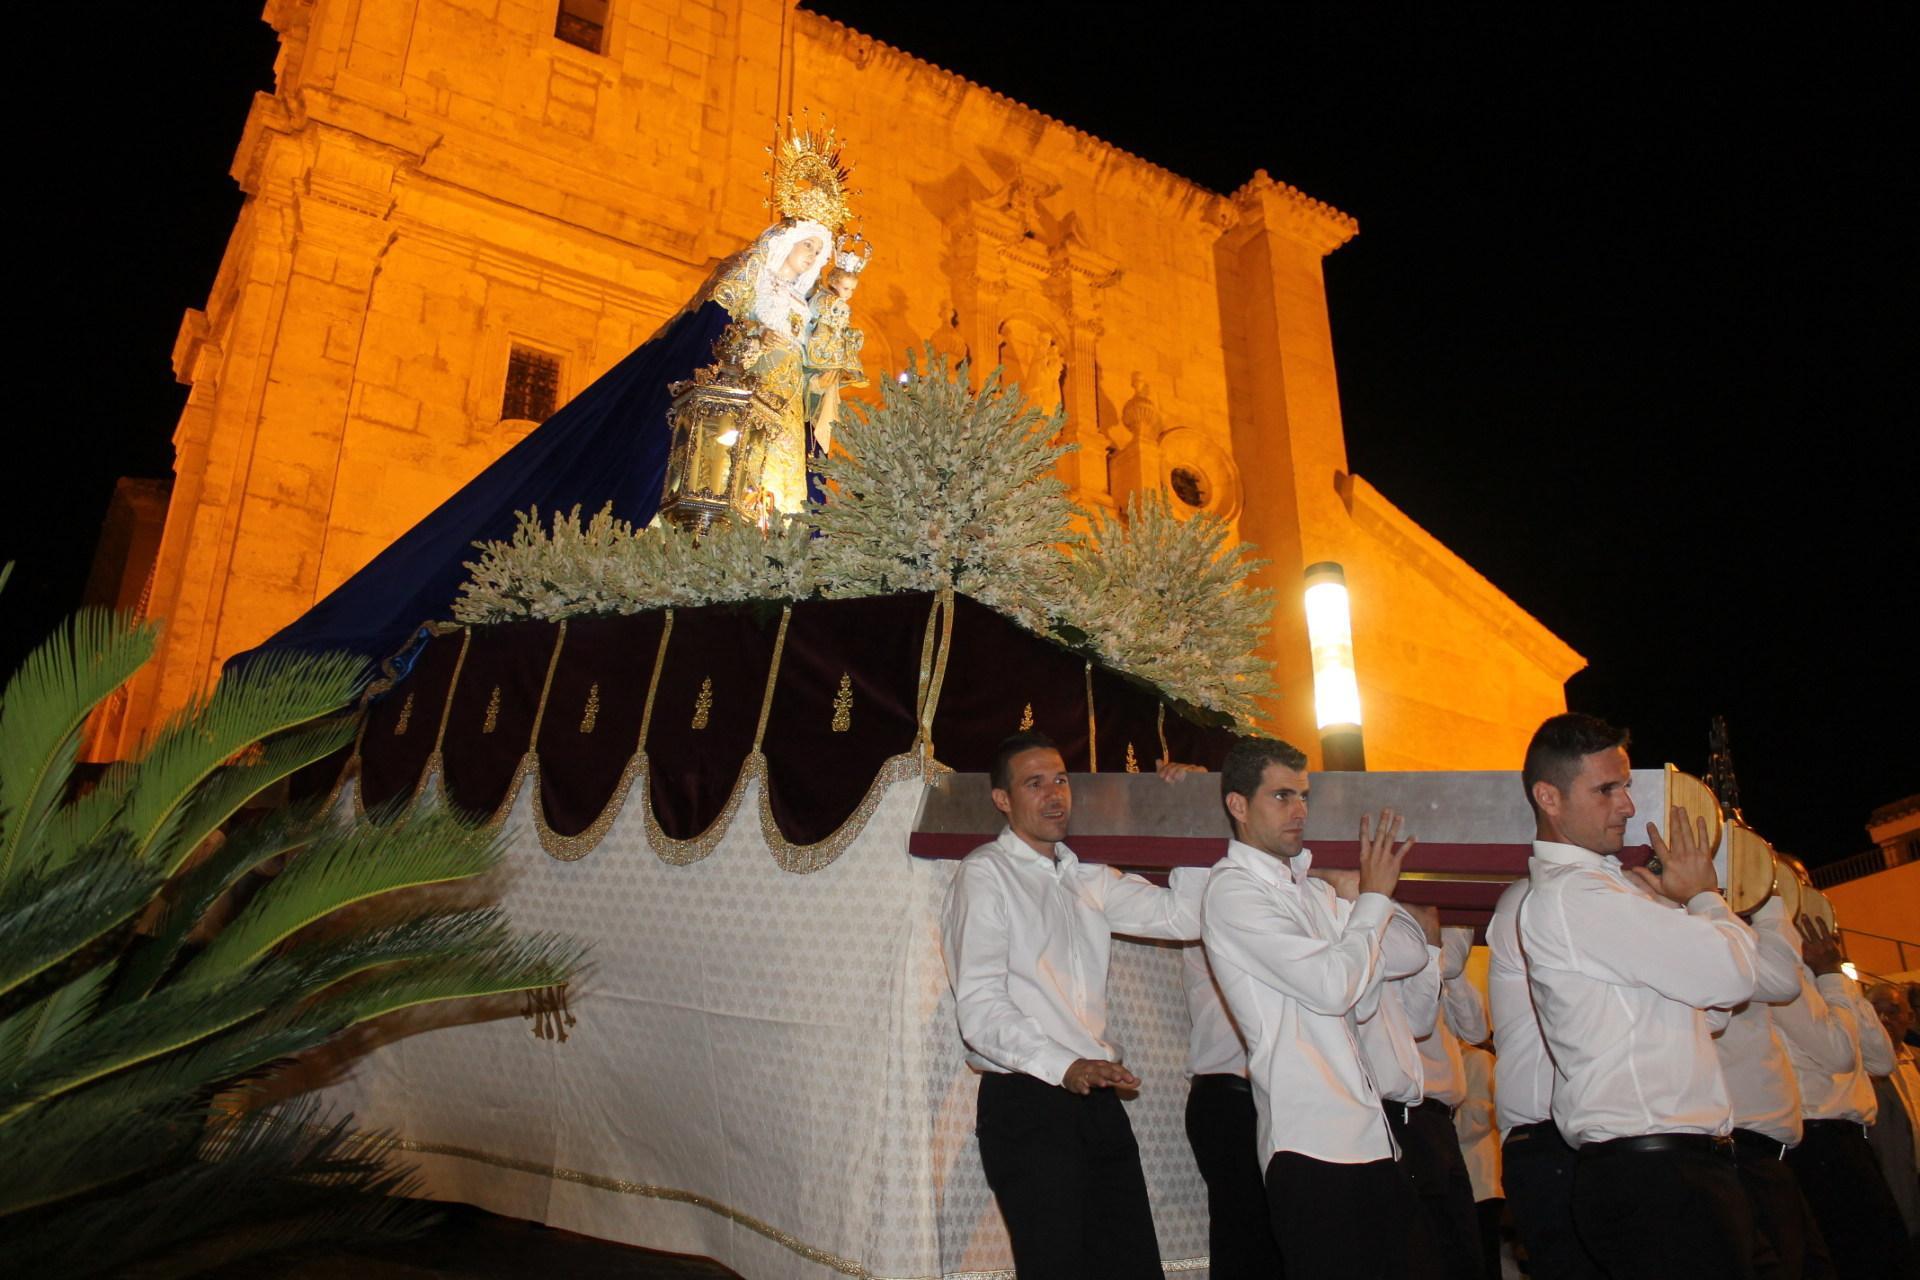 Gádor despide la Feria 2015 con la procesión en honor a su patrona la Virgen del Rosario